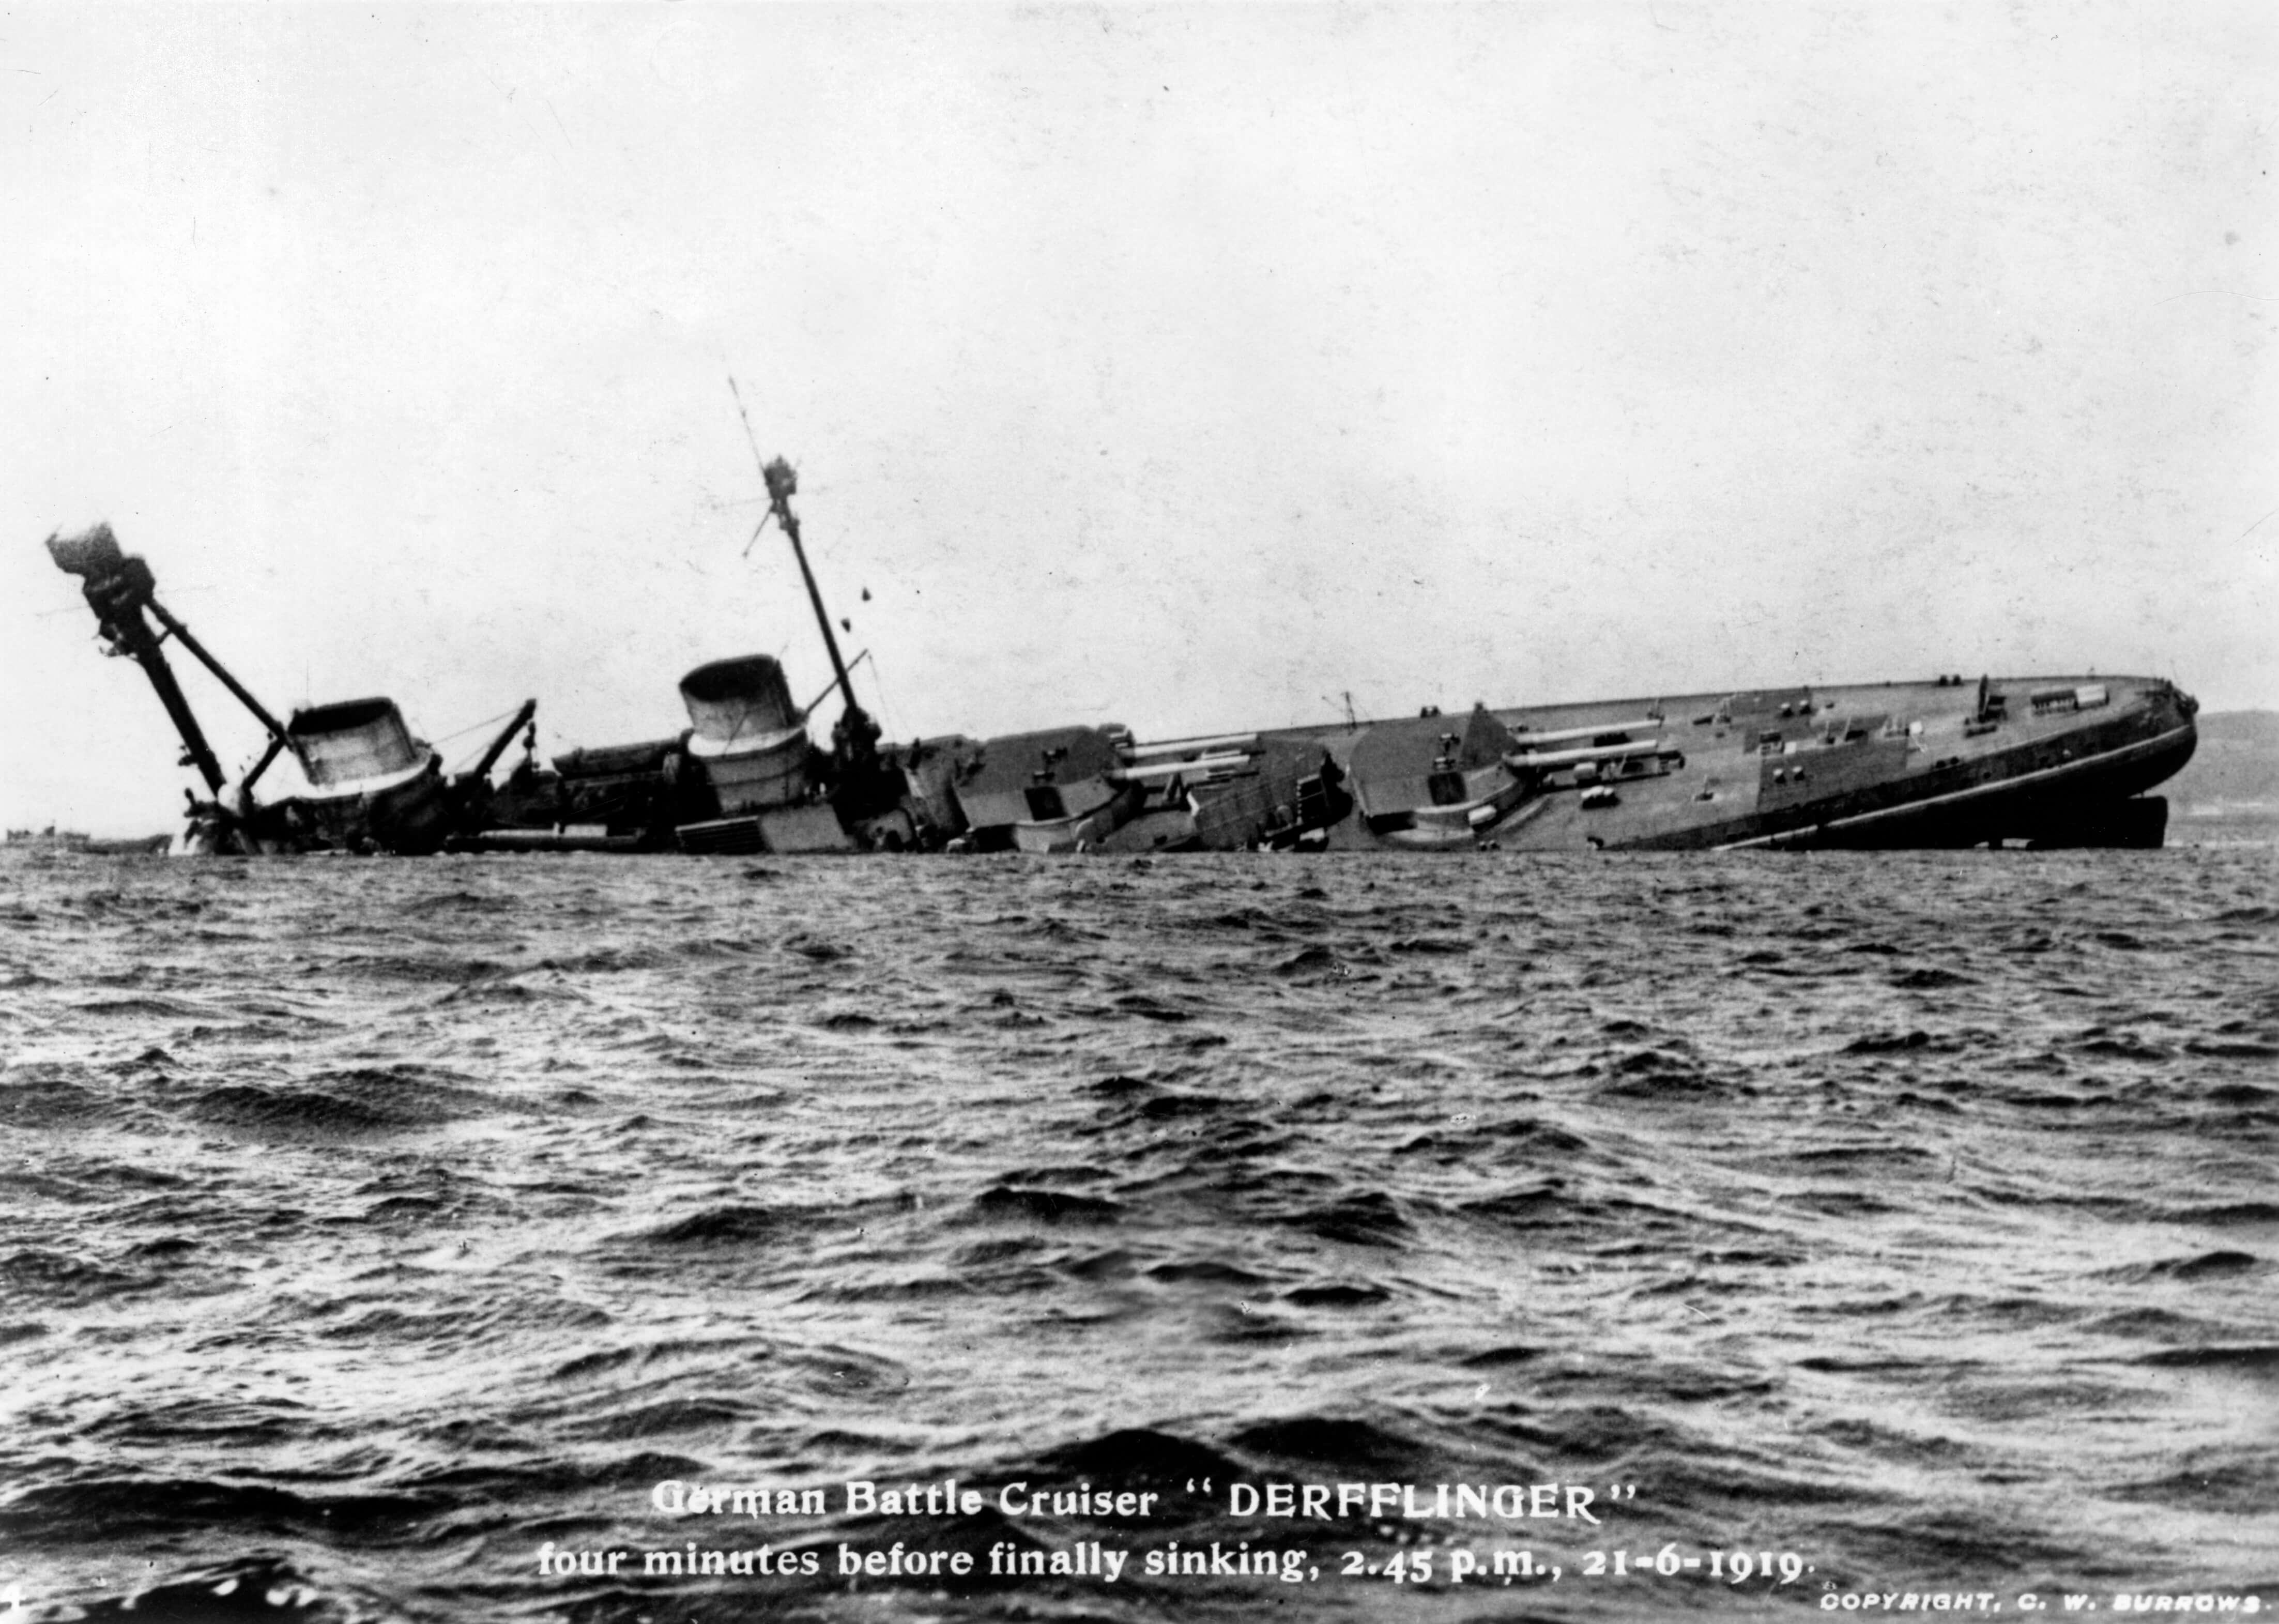 German Battle Cruiser Derfflinger sinking in Orkney's Scapa Flow, WWI